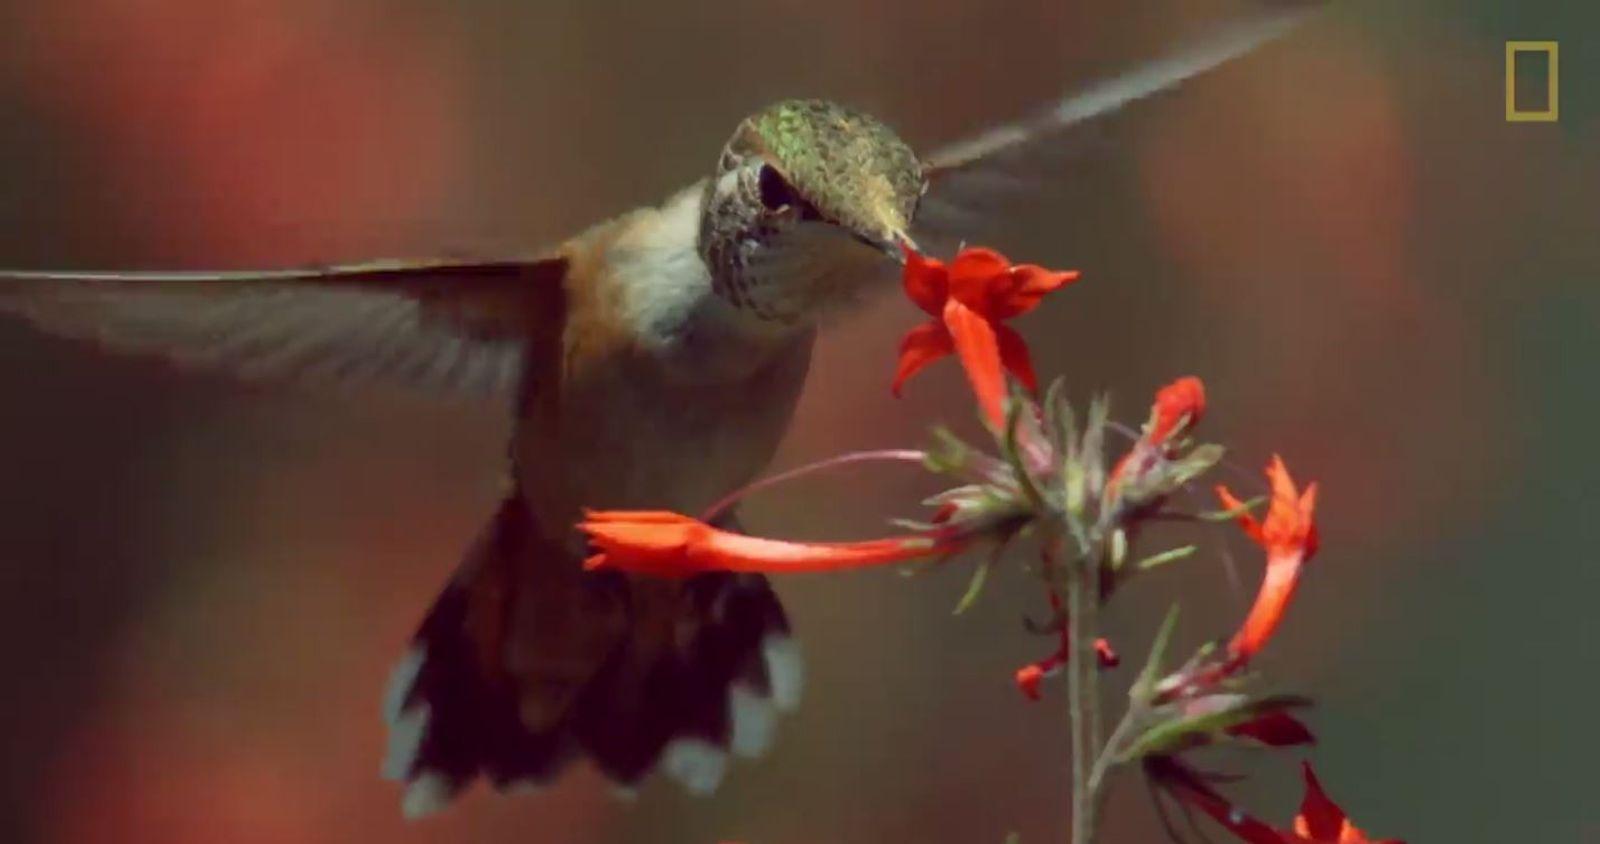 Hinter den Kulissen: So entstehen Zeitrafferaufnahmen von Kolibris